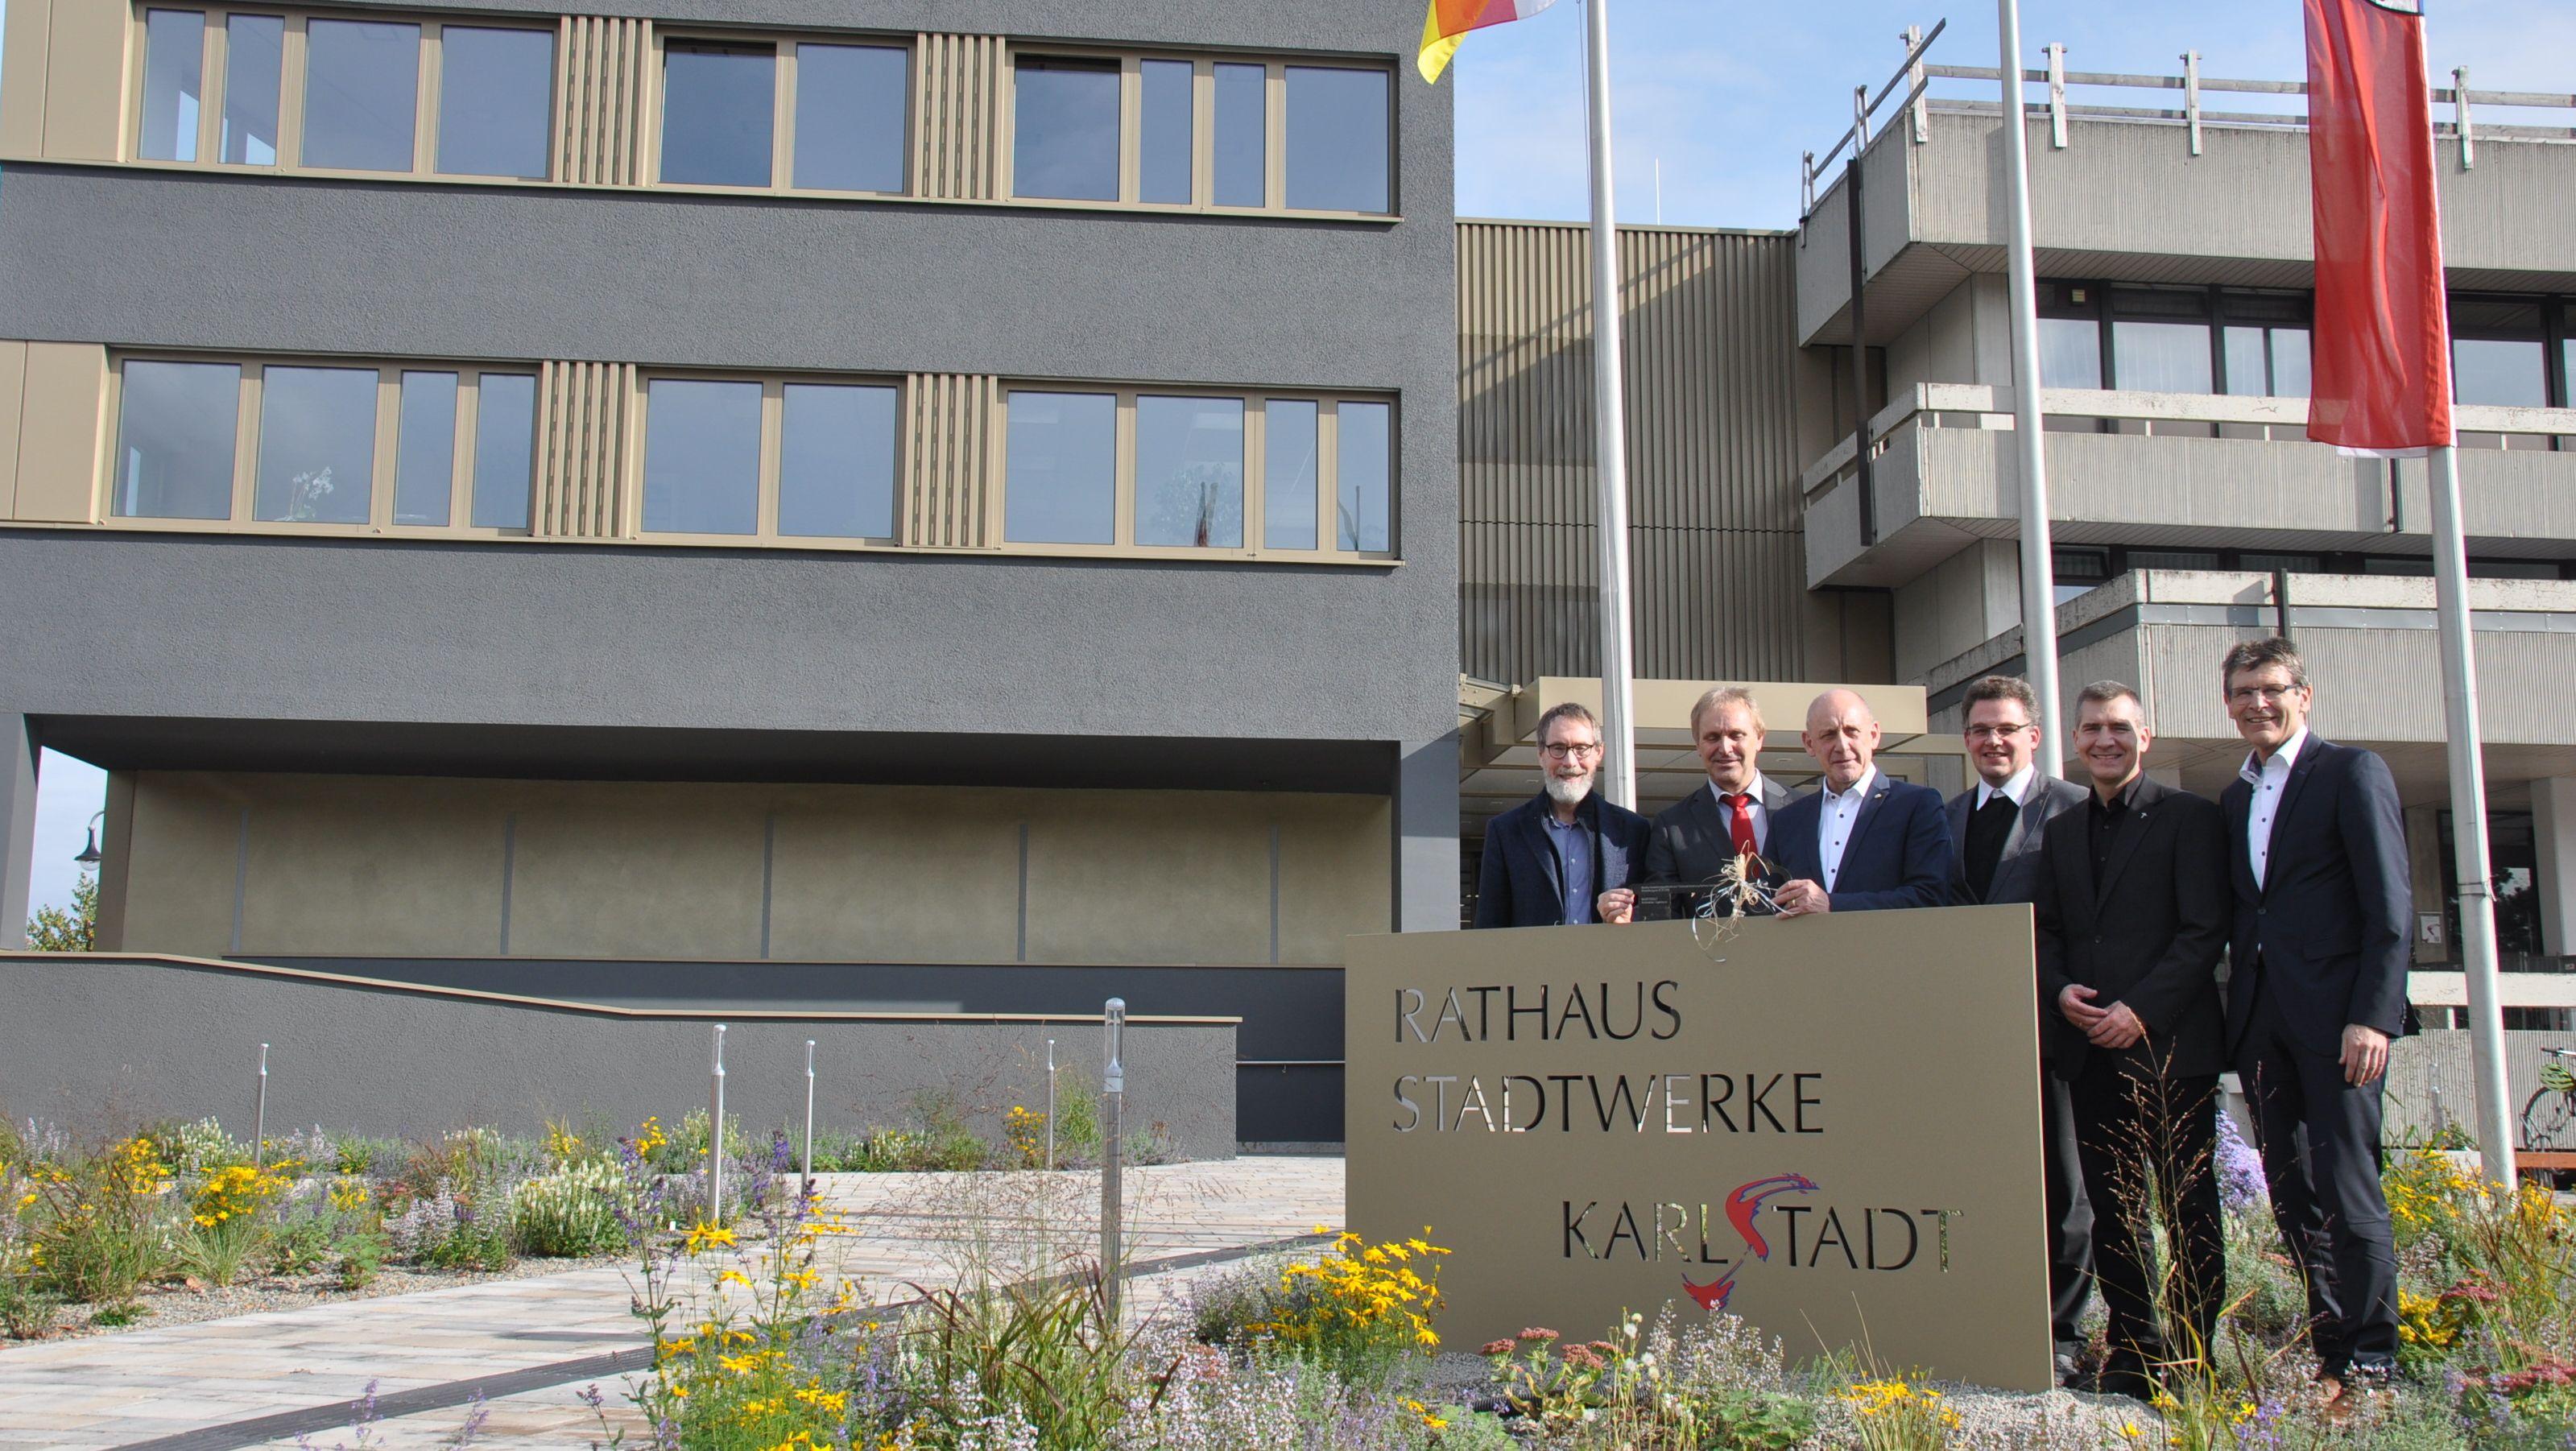 Andreas Baur von Baur-Consult, der Leiter der Stadtwerke Klemens Albert, Karlstadts Bürgermeister Paul Kruck, die beiden Pfarrer Simon Meyer und Matthias Hörning sowie Landrat Thomas Schiebel.